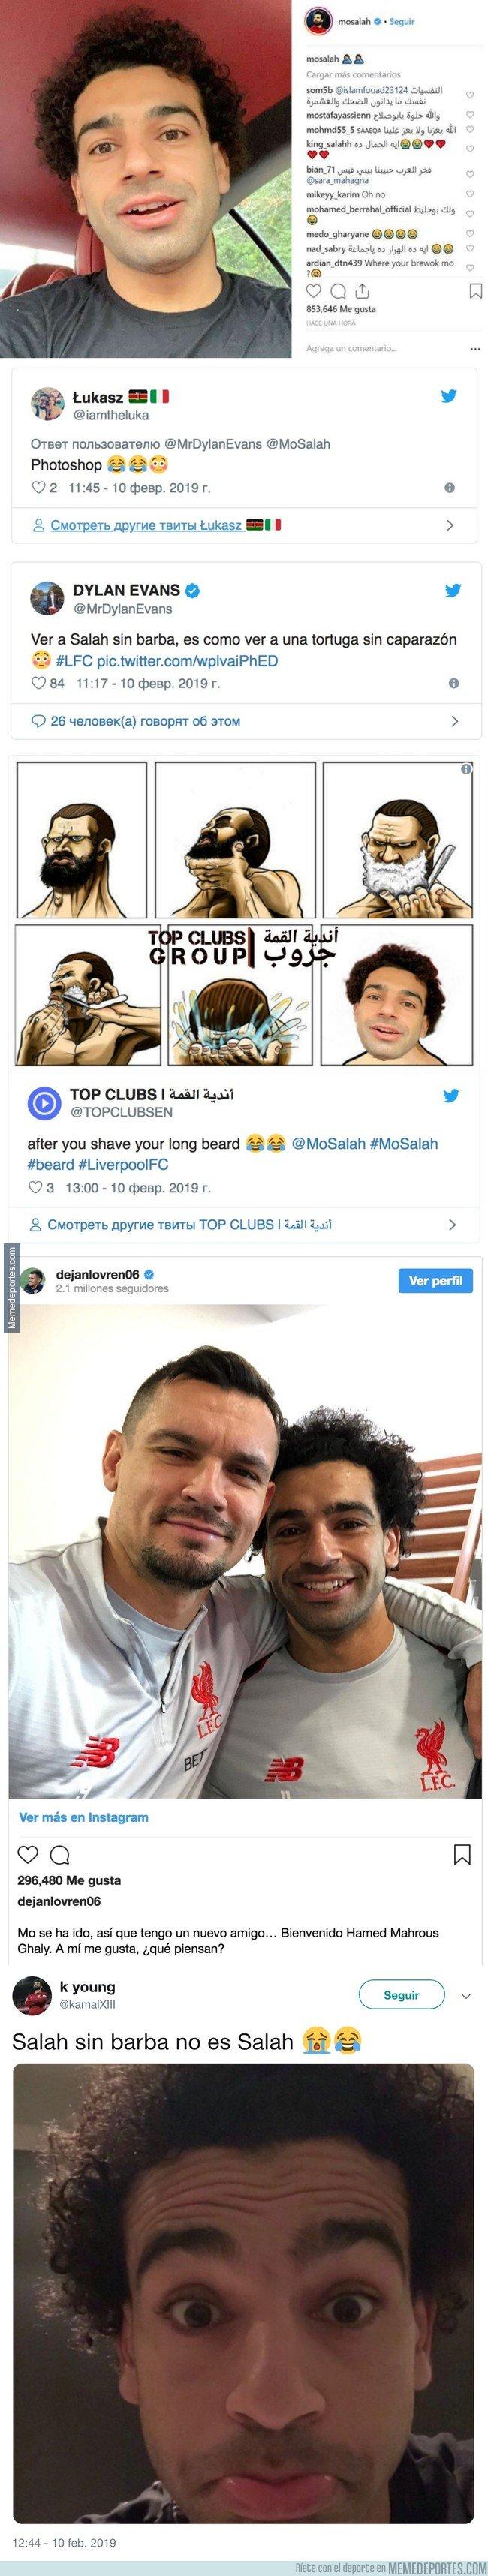 1064131 - Salah cambia de look, se quita años de encima y así reacciona la gente